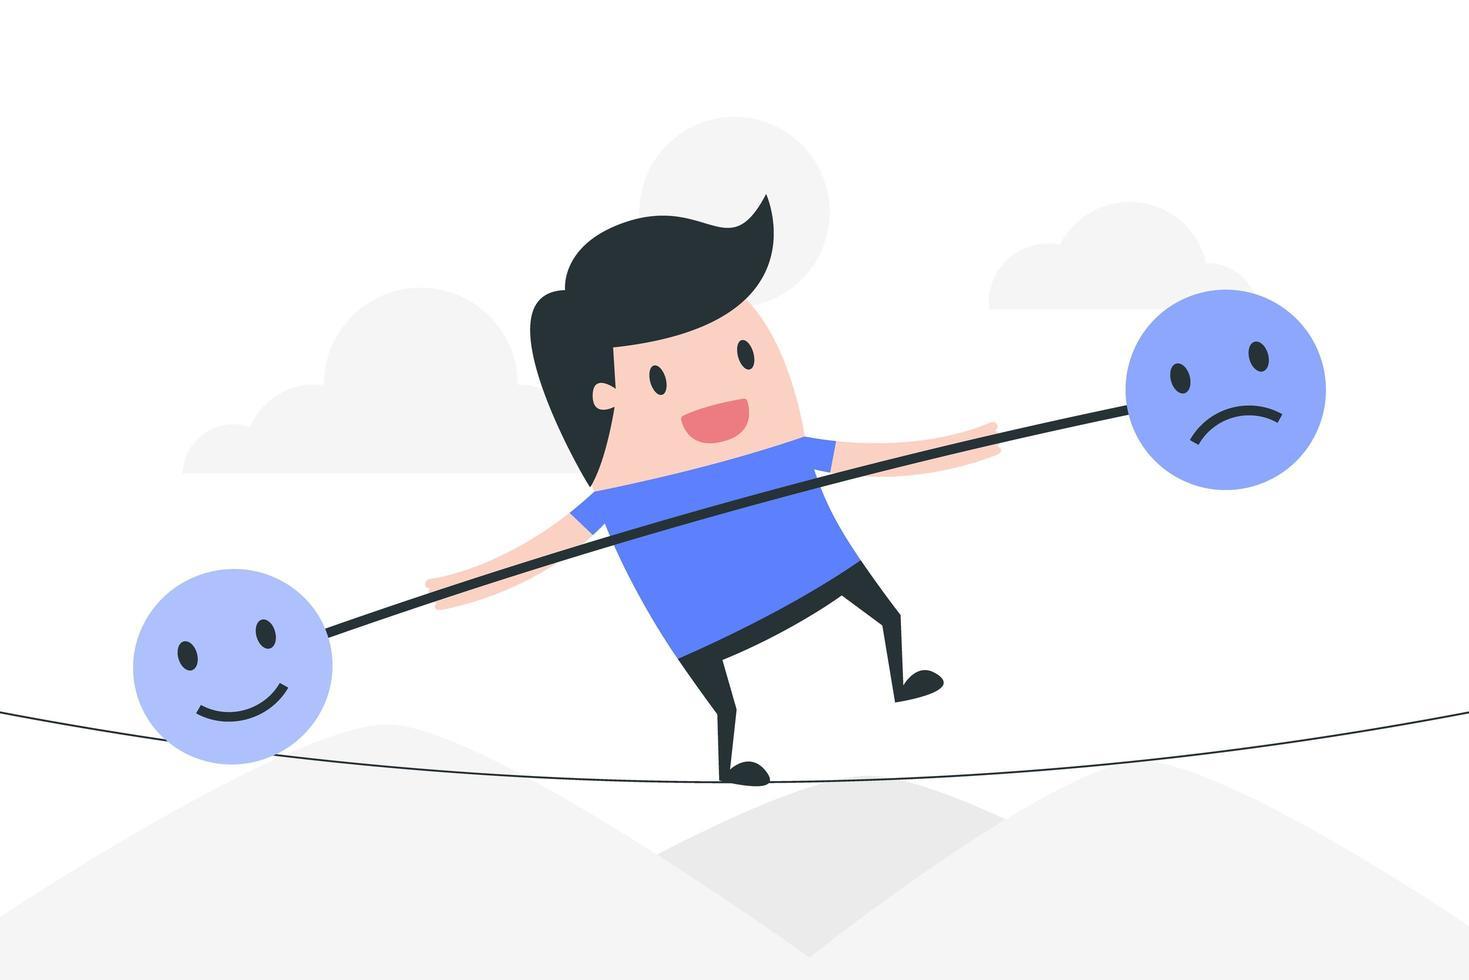 hombre de dibujos animados en cuerda equilibrando emociones vector